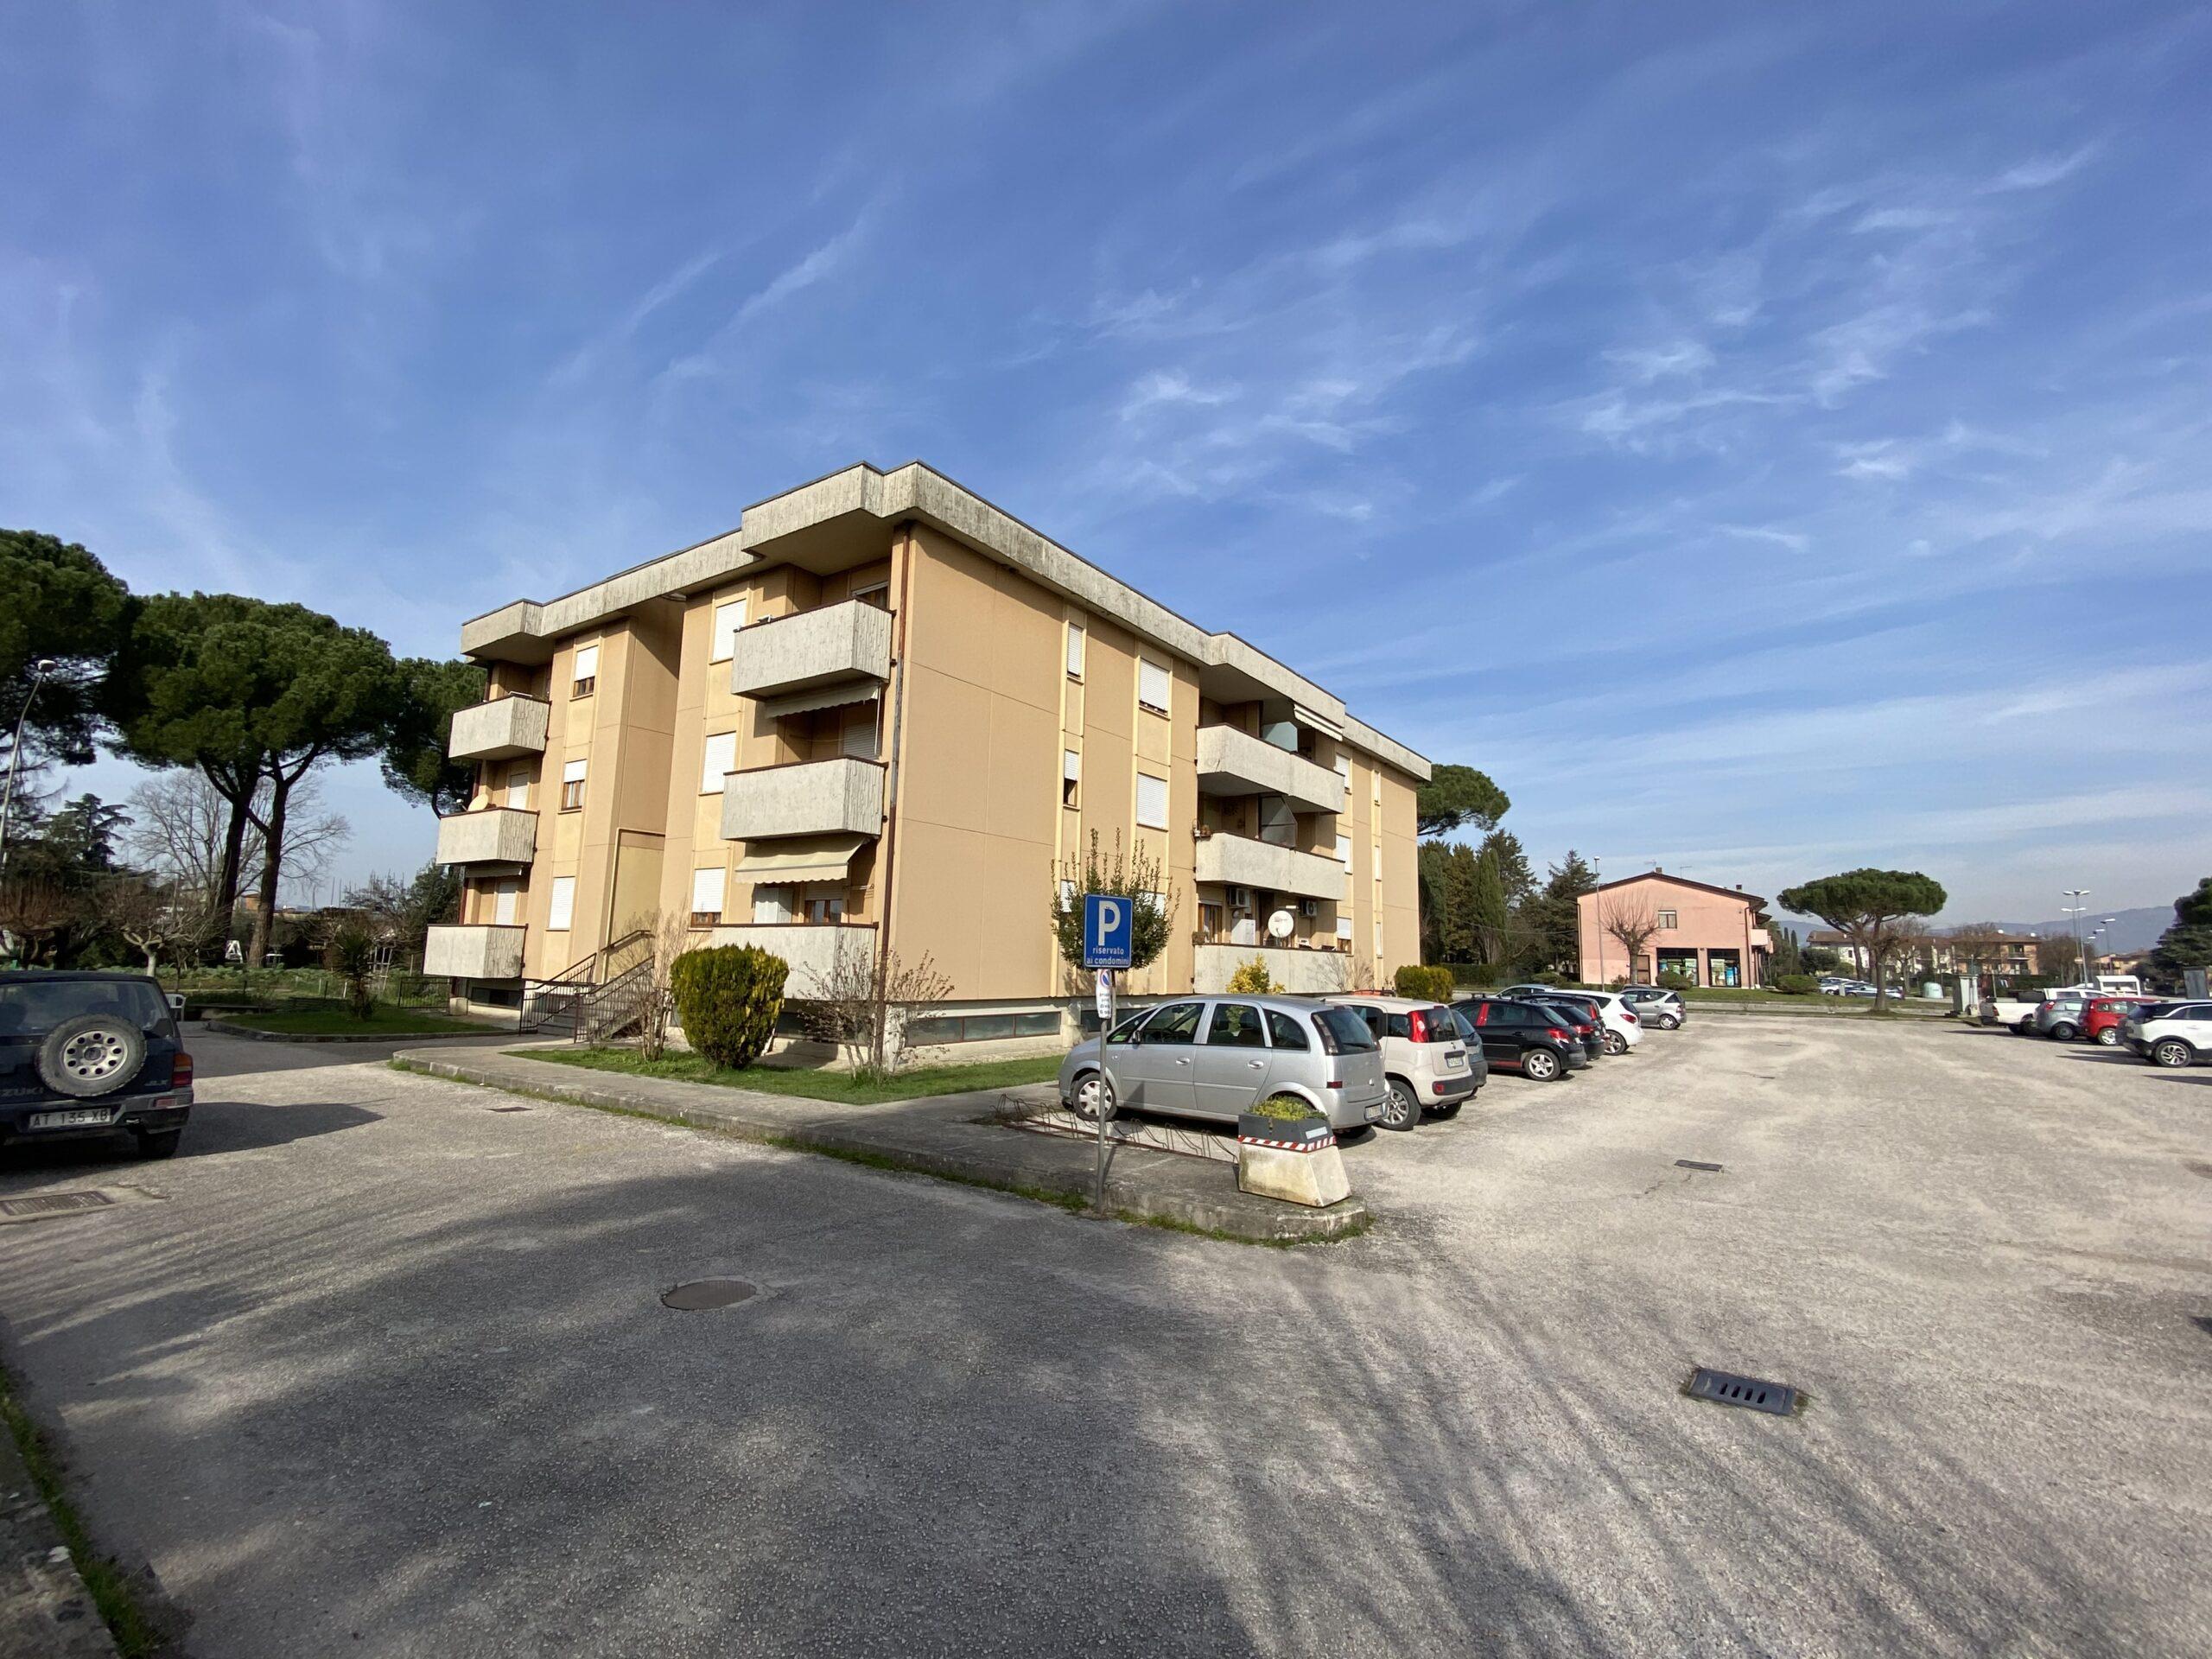 Assisi-loc. Petrignano